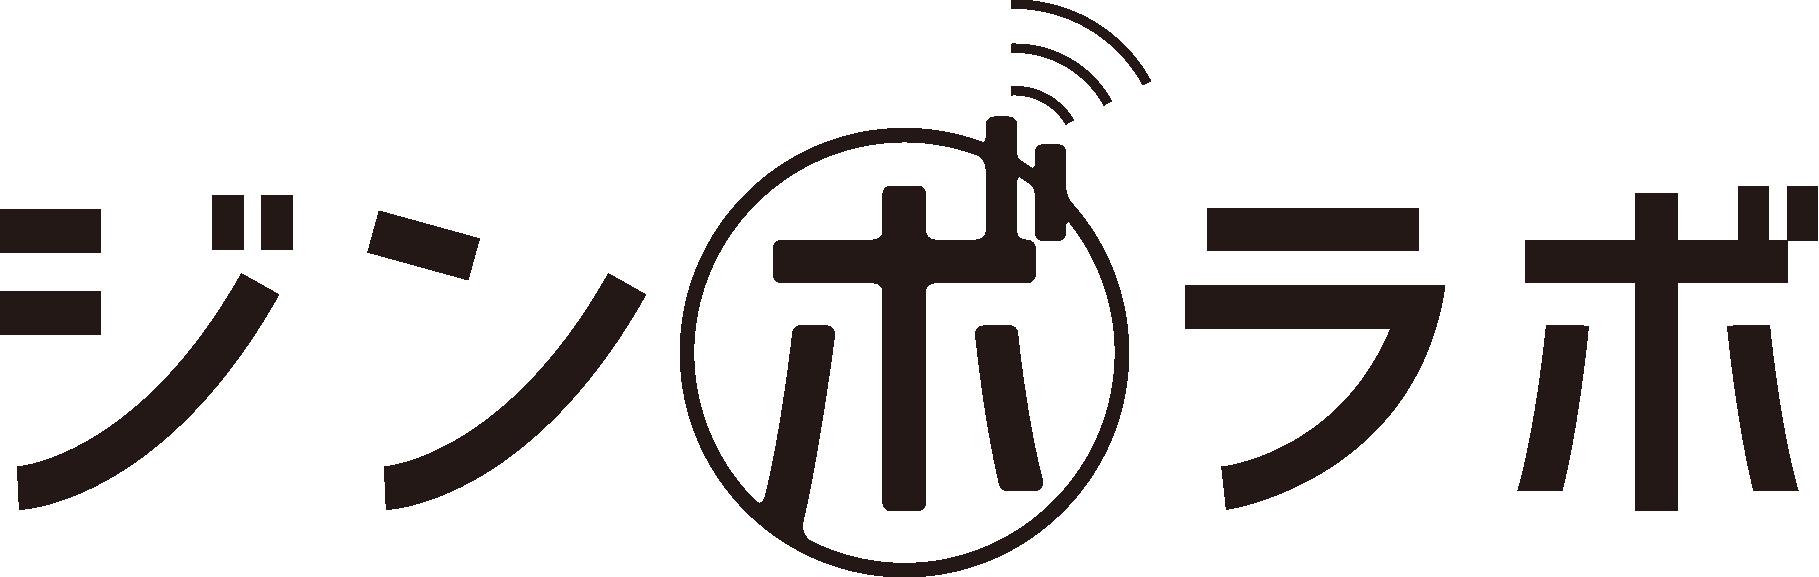 ジンボラボ 【南魚沼市の小さな広告代理店】